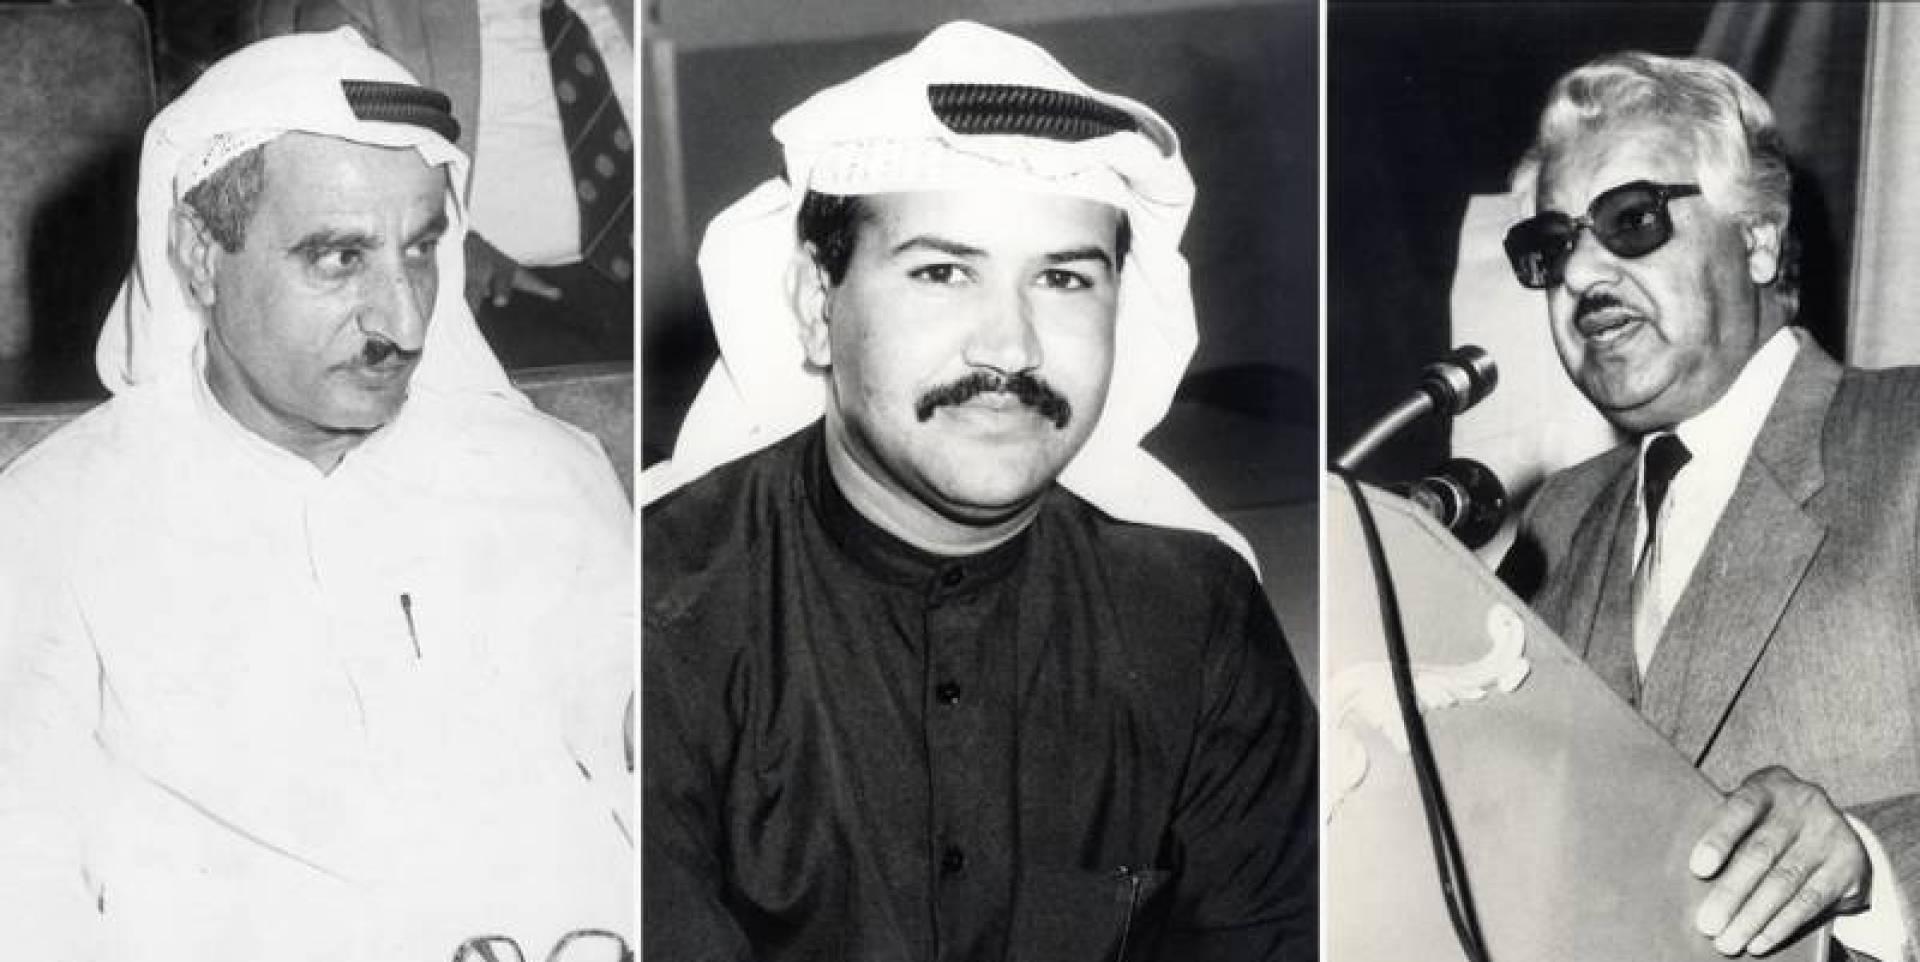 الشاعر يعقوب الرشيد وناصر الظفيري وخالد سعود الزيد.. صورة أرشيفية